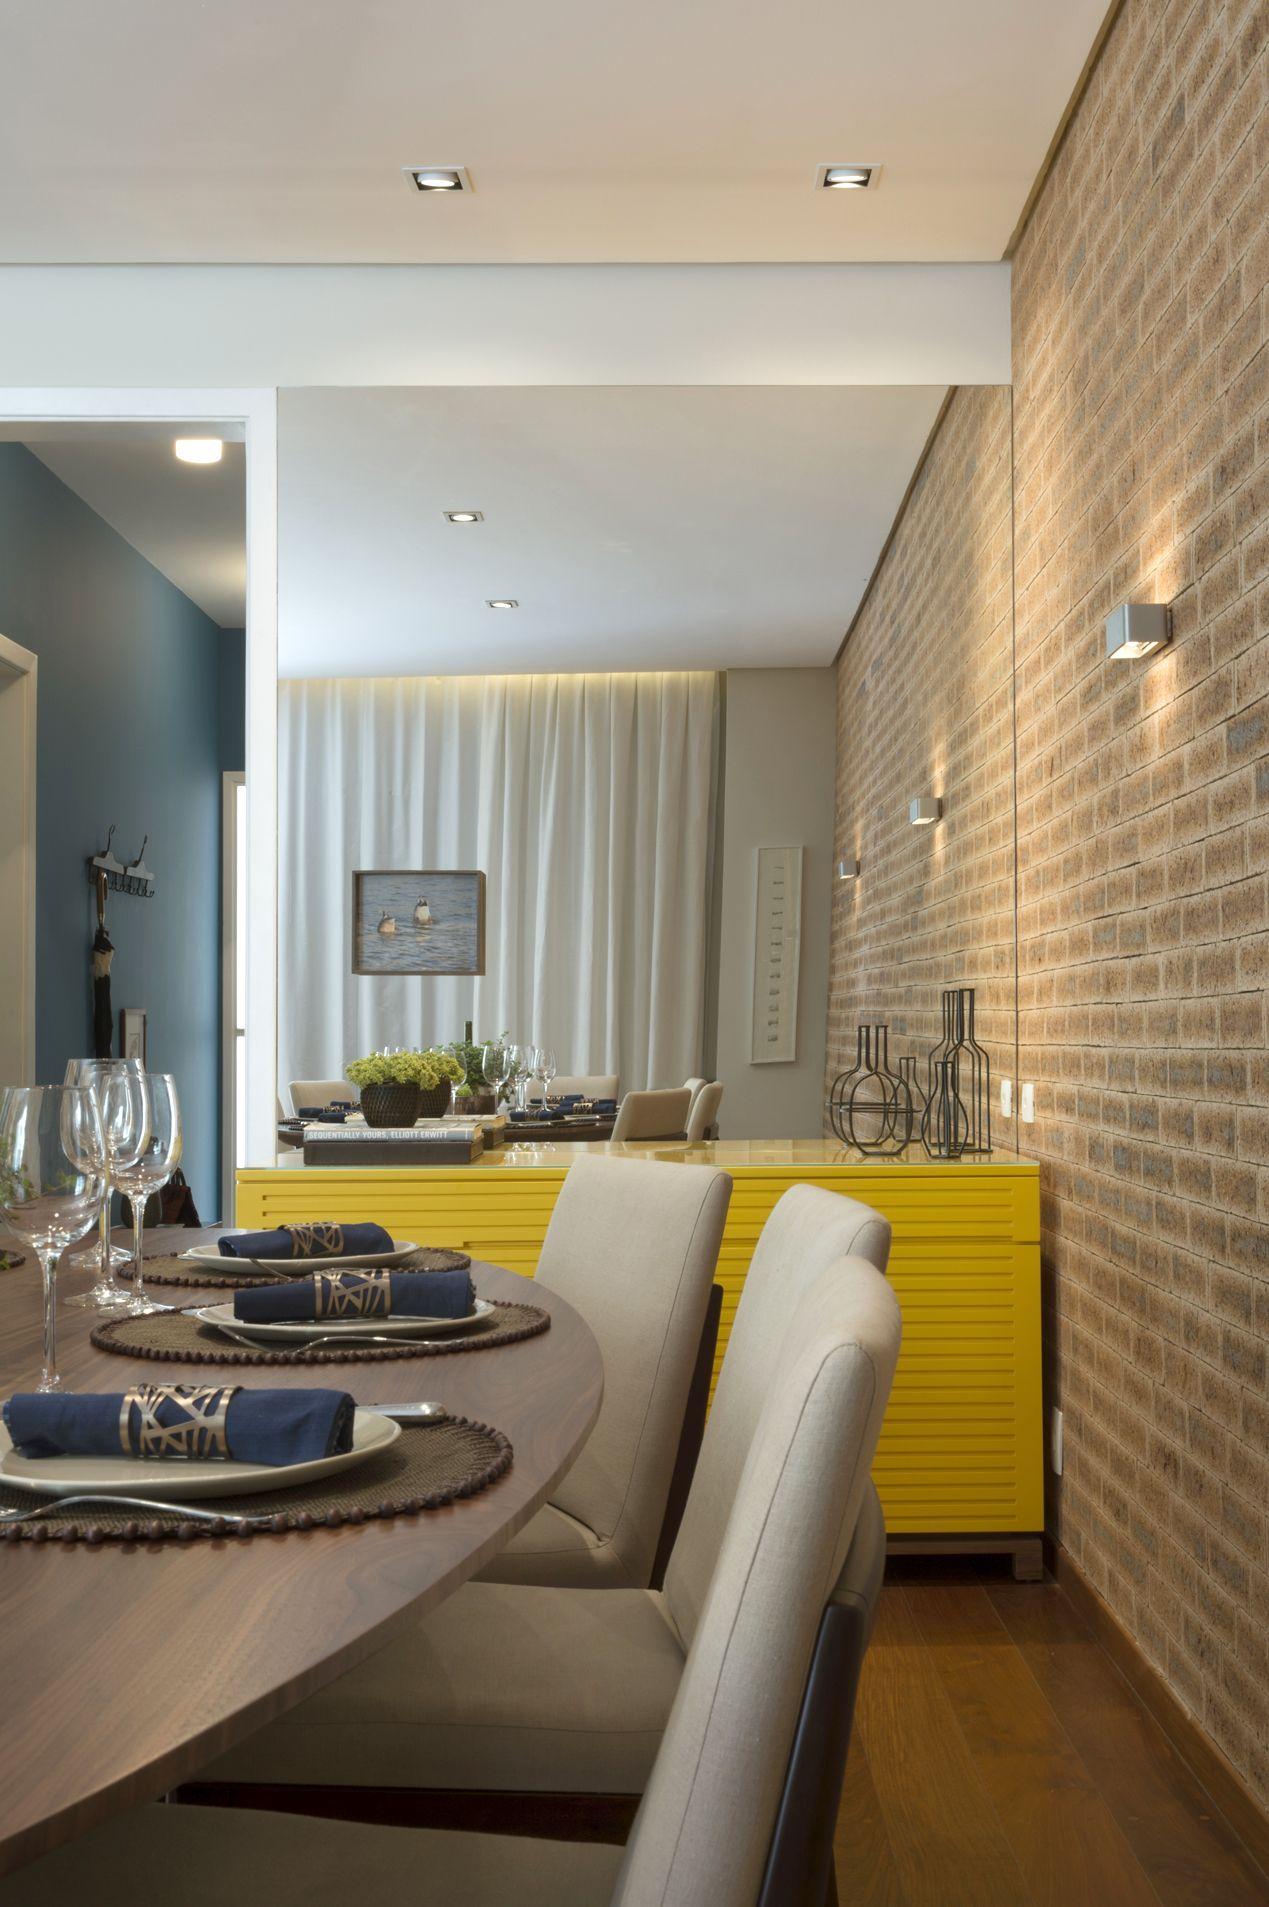 Sala De Jantar Com Aparador Amarelo E Espelho De Cristina Lembi  -> Sala De Jantar Com Espelho E Aparador